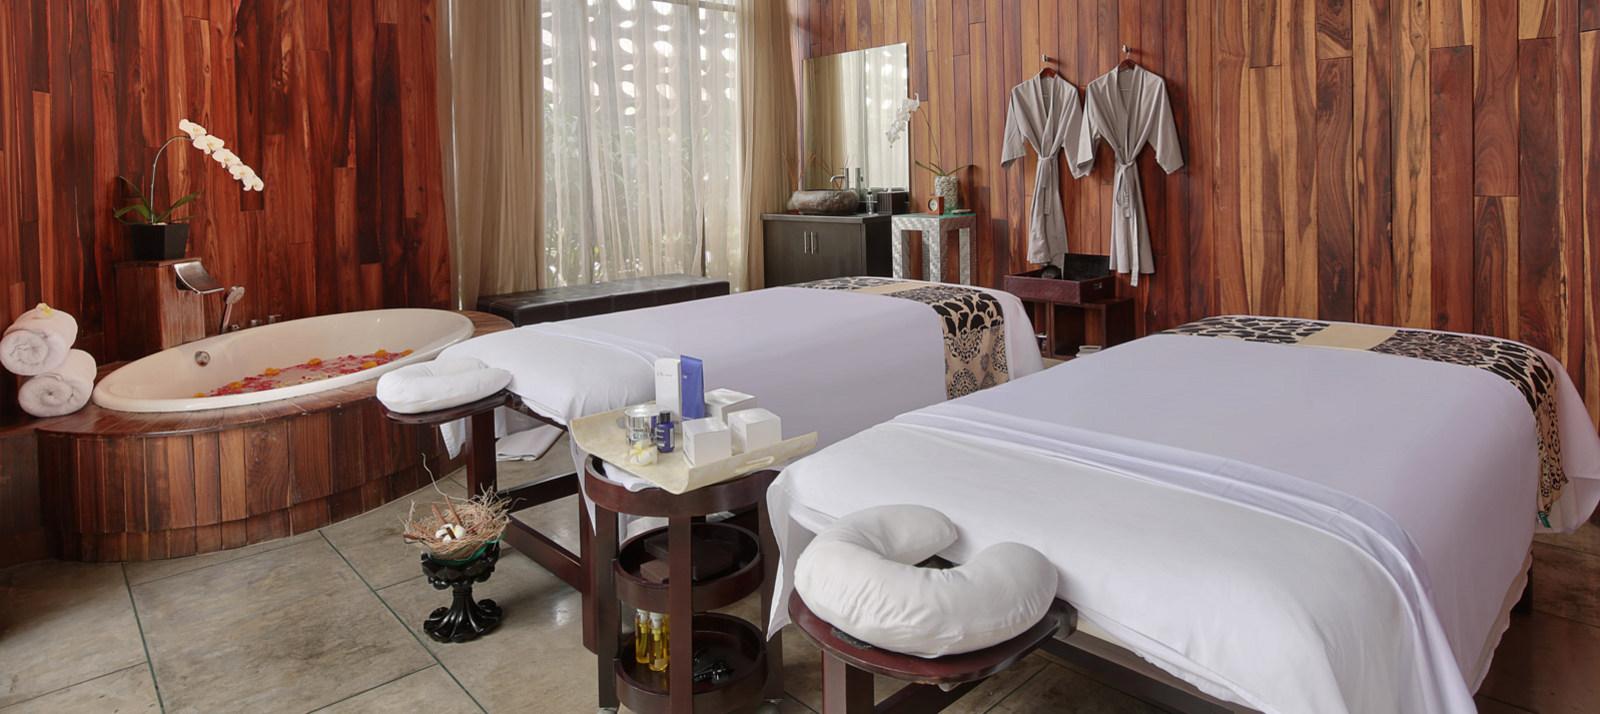 Lowongan Spa Receptionist Peppers Seminyak, Bali